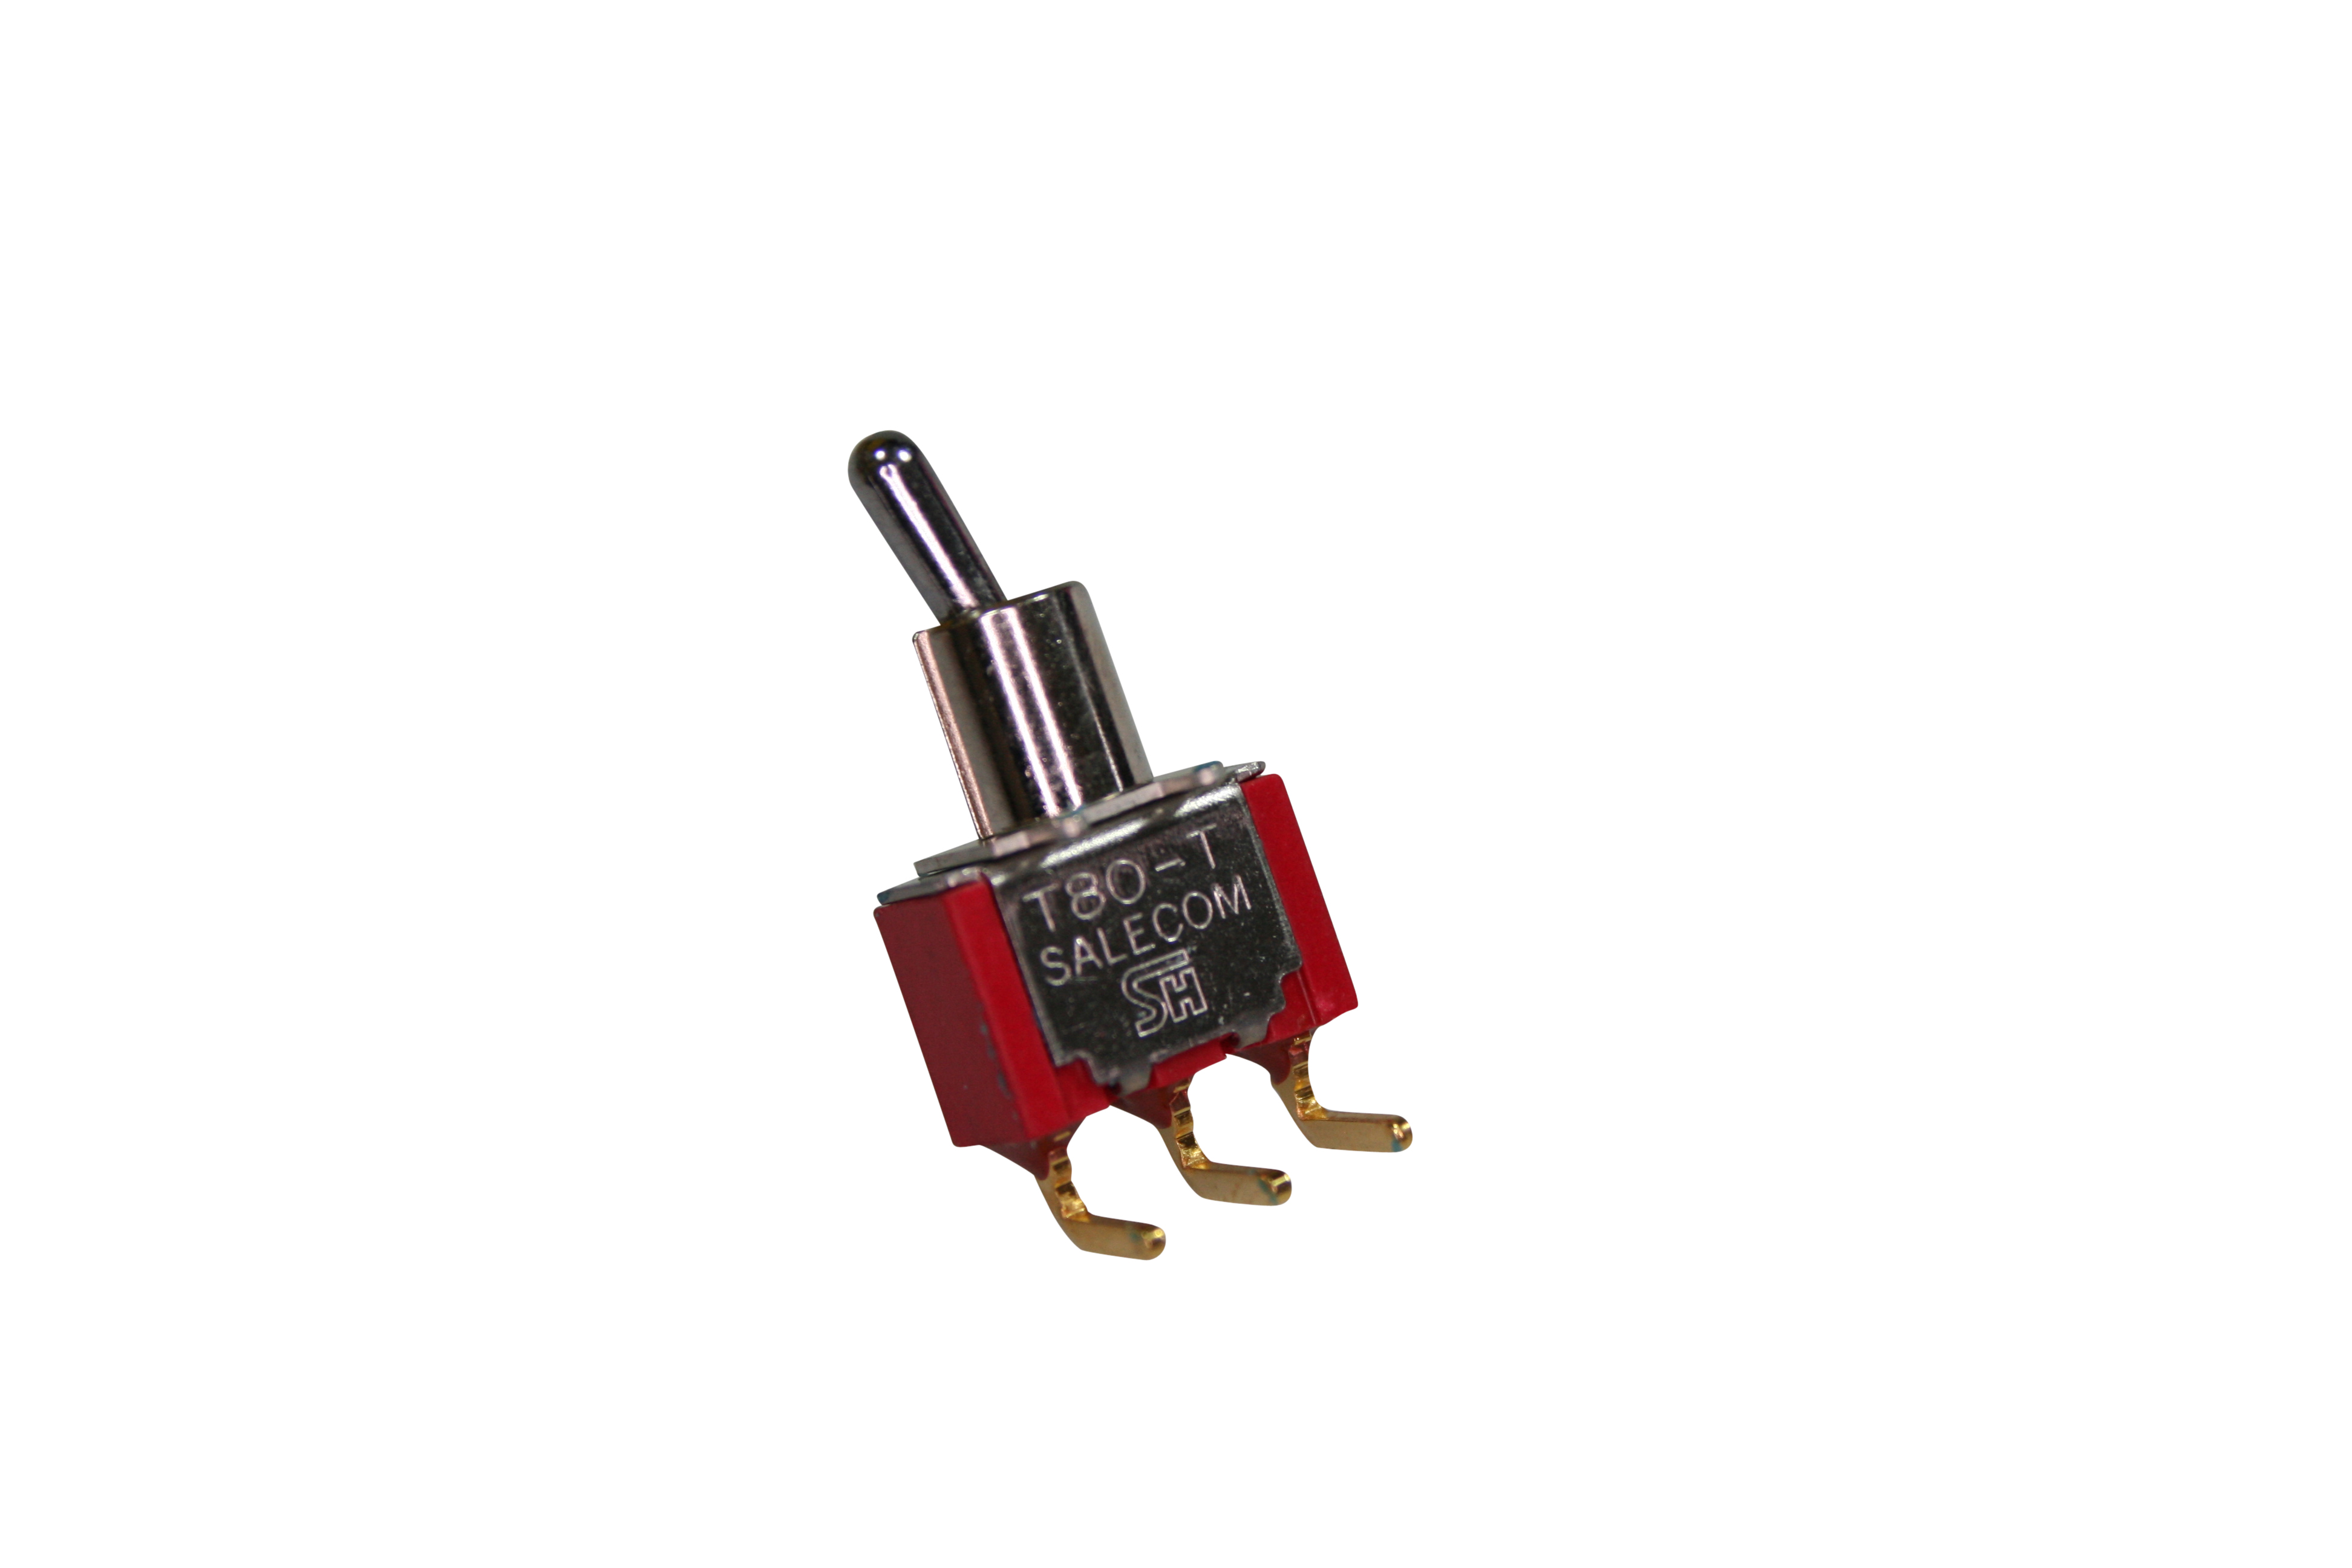 Salecom MKS8019S